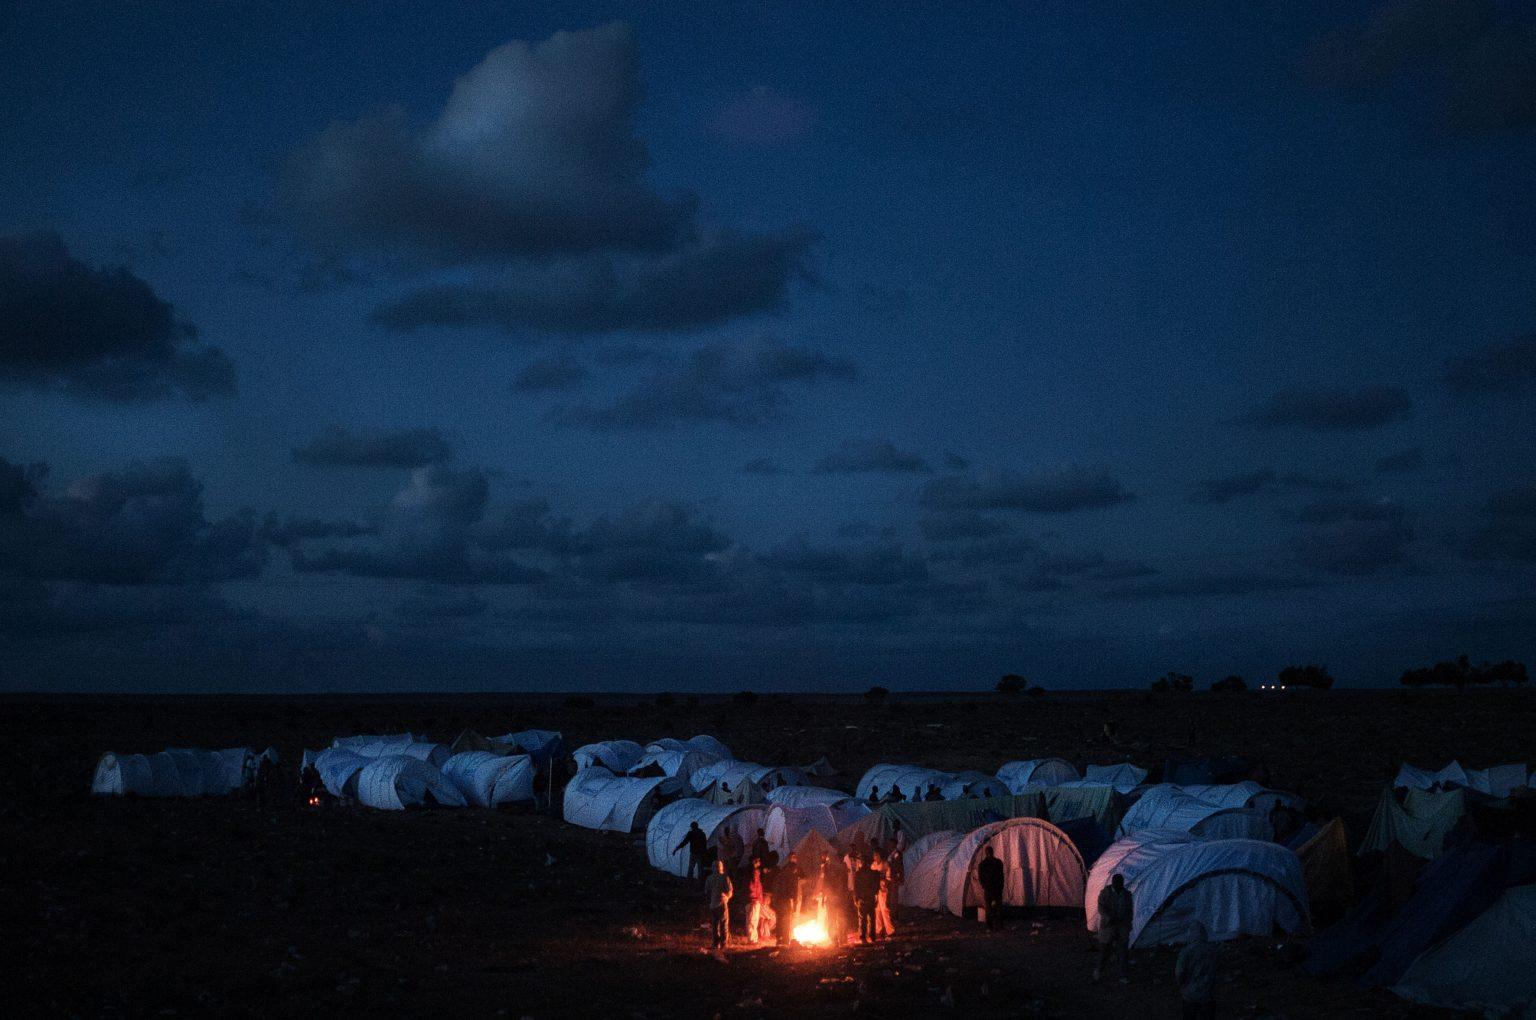 Ras Jedir, Tunisia 2011 - Panoramic view of the Choucha refugee camp, built by the UNHCR during the civil war in Libya. In this period more than 300,000 people have fled the country, creating one of the biggest exoduses in the recent years at the border of Europe. ----- In the early months of 2011 large number of people poured on the border between Libya and Tunisia escaping from the civil war. Most of these people were migrant workers coming from the most diverse regions of the world. Many of these people, in that year they tried to reach the Italian coast, resulting in a sharp increase in arrivals of migrants towards Europe.  ><  Ras Agedir, Tunisia, marzo 2011 - Il campo profughi di Choucha, costruito dall'UNHCR durante la guerra civile in Libia. In questo periodo più di 300.000 persone hanno lasciato il paese, creando uno dei più grandi esodi negli ultimi anni al confine d'Europa. ----- Nei primi mesi del 2011 un gran numero di persone si è riversato sul confine tra Libia e Tunisia, scappando dalla guerra civile. Molti di loro sono lavoratori migranti provenienti da diversi paesi del mondo. In quell'anno molti di loro hanno cercato di raggiungere la costa italiana, incrementando il numero di arrivi di immigrati verso l'Europa. *** Local Caption *** 00543829